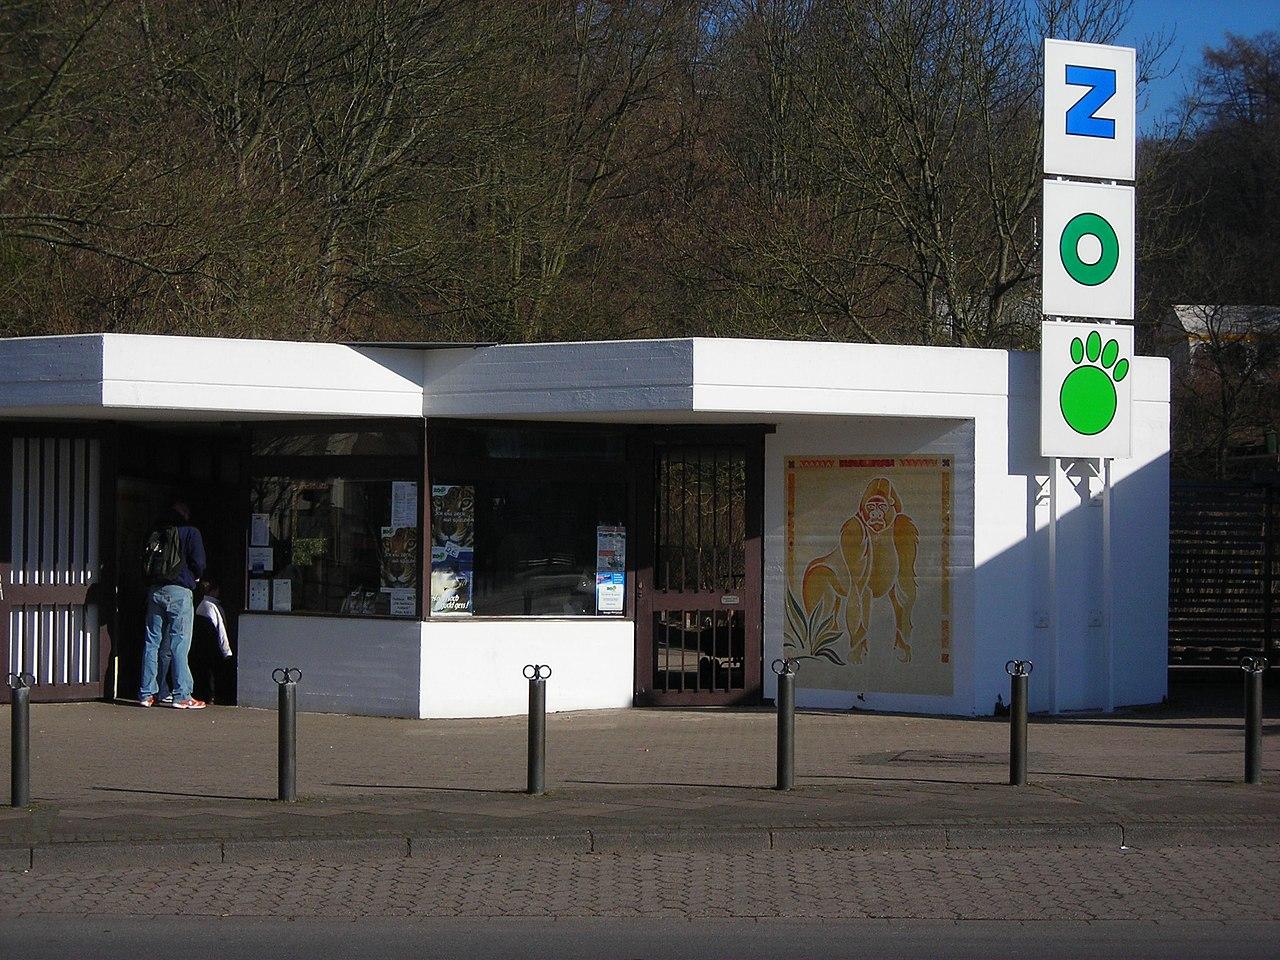 Haupteingang des Saarbrücker Zoo-18Feb2008.jpg